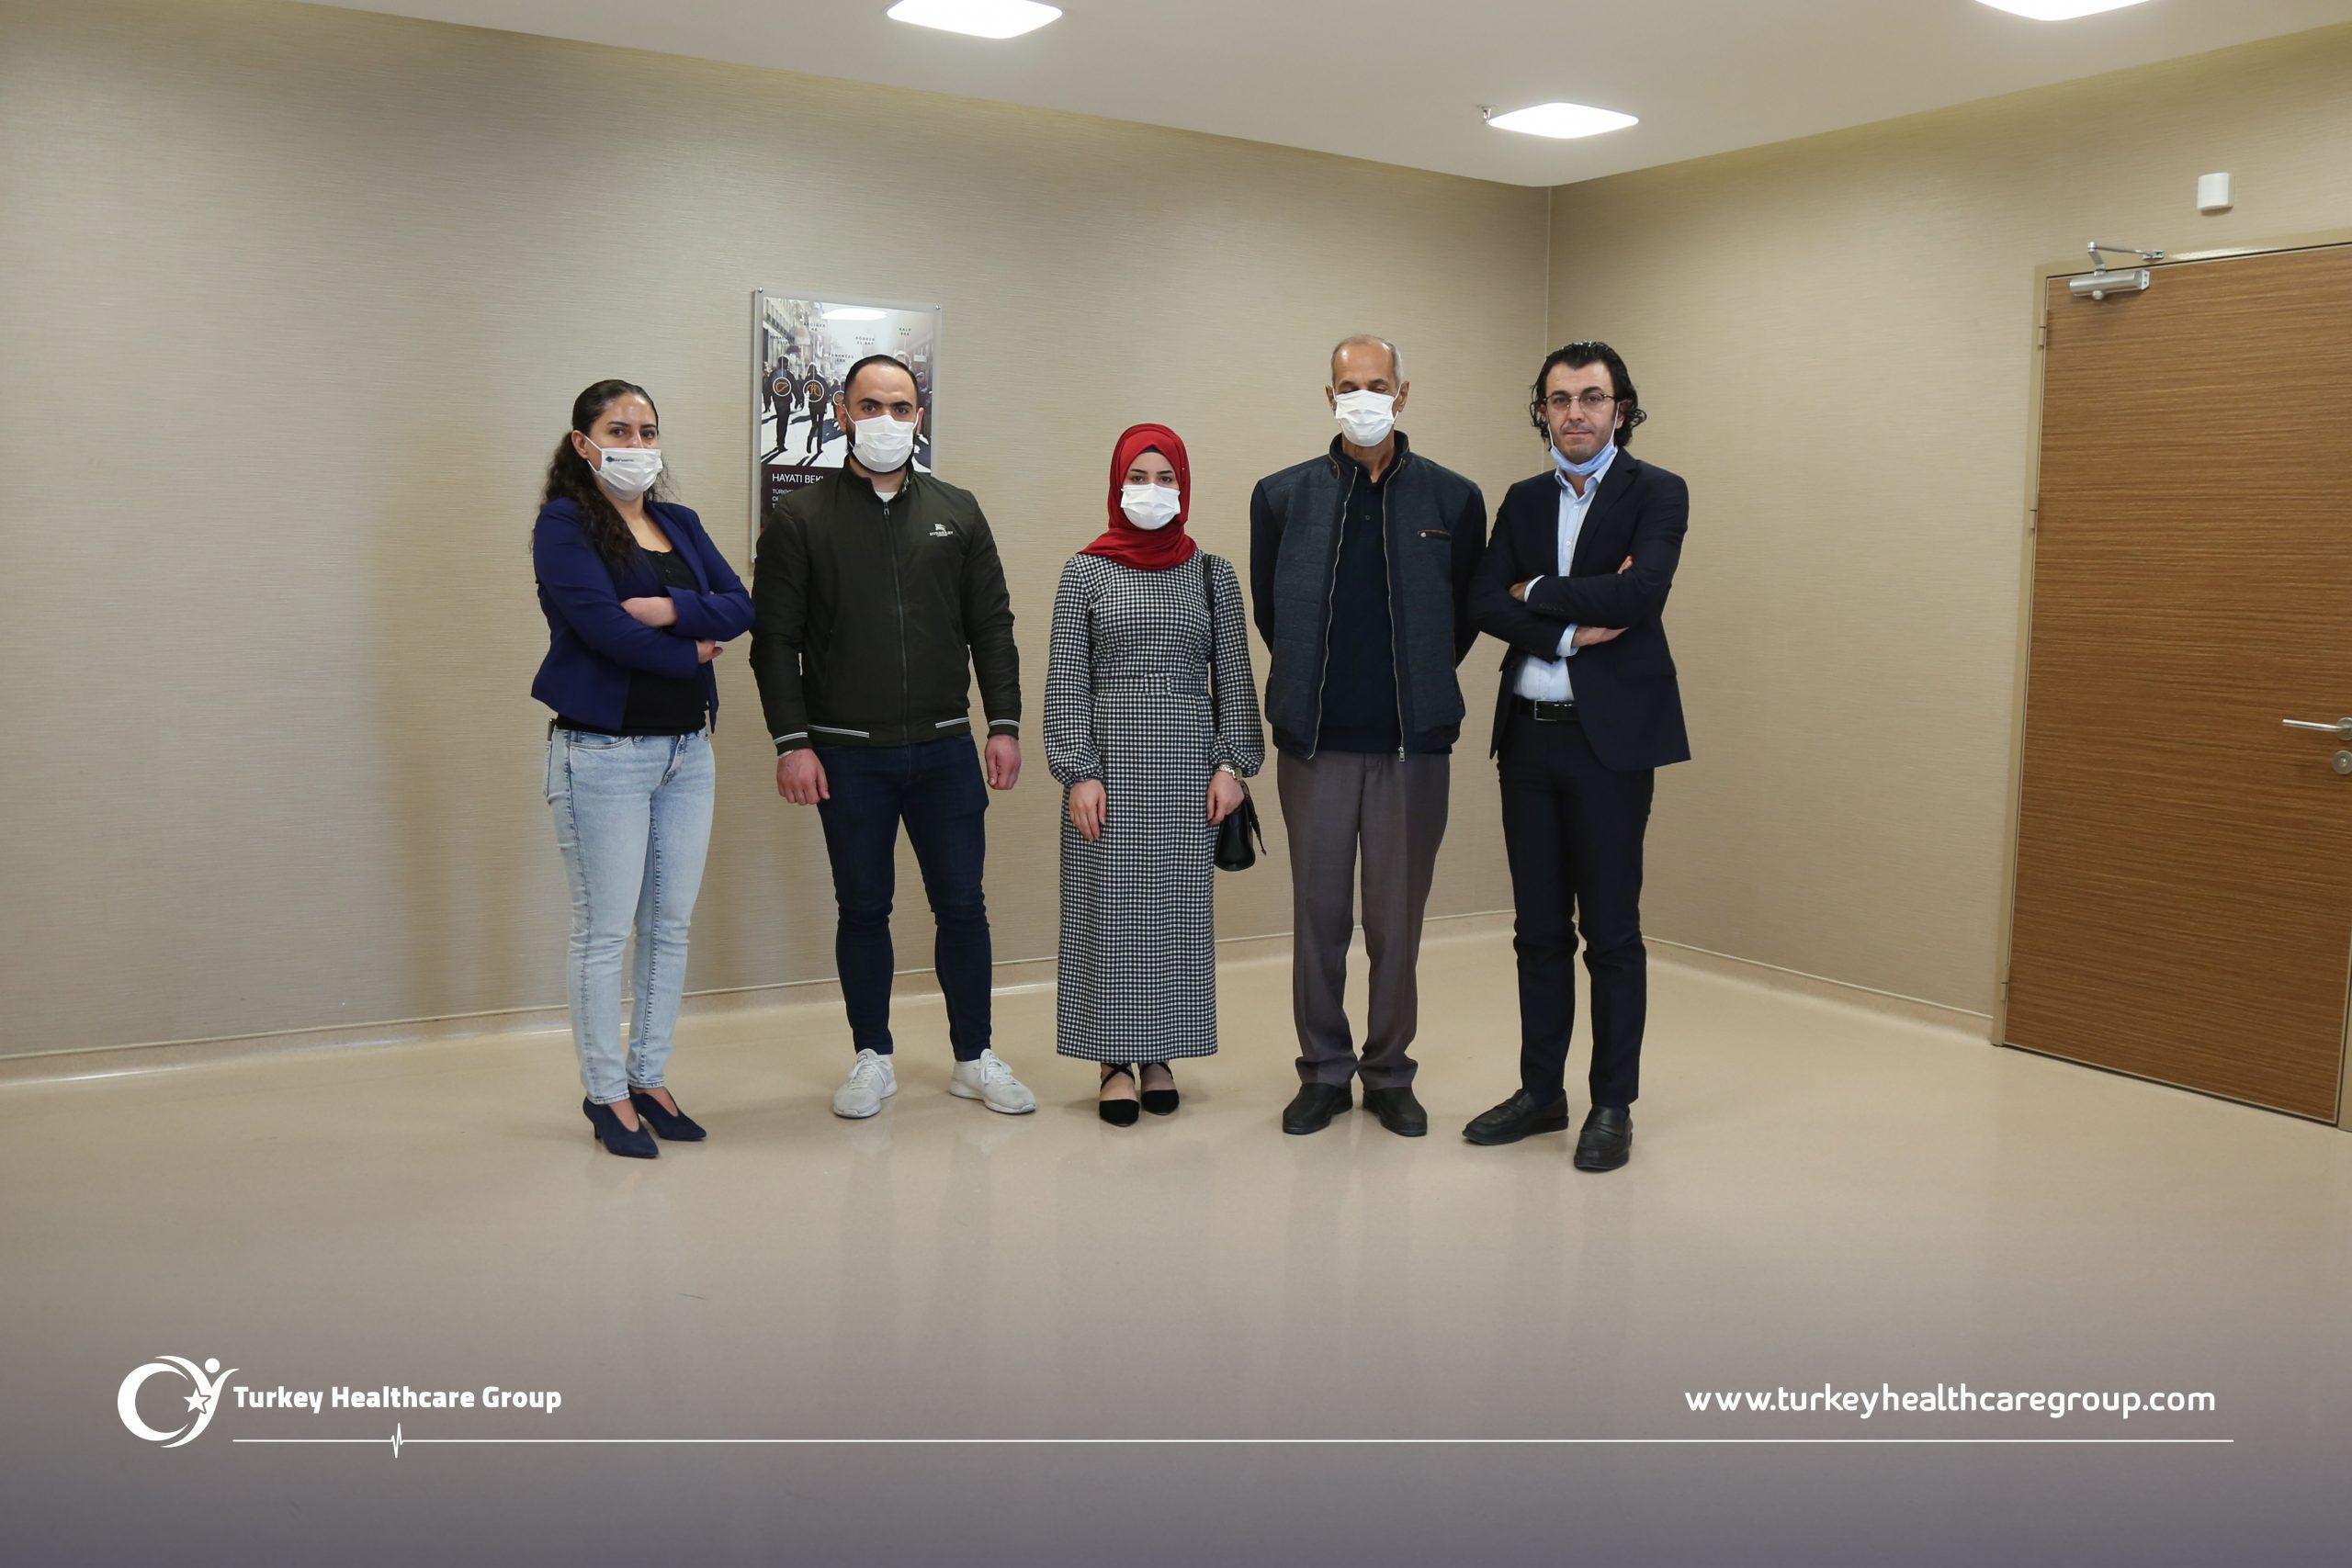 زراعة-الكبد-في-تركيا-1-scaled